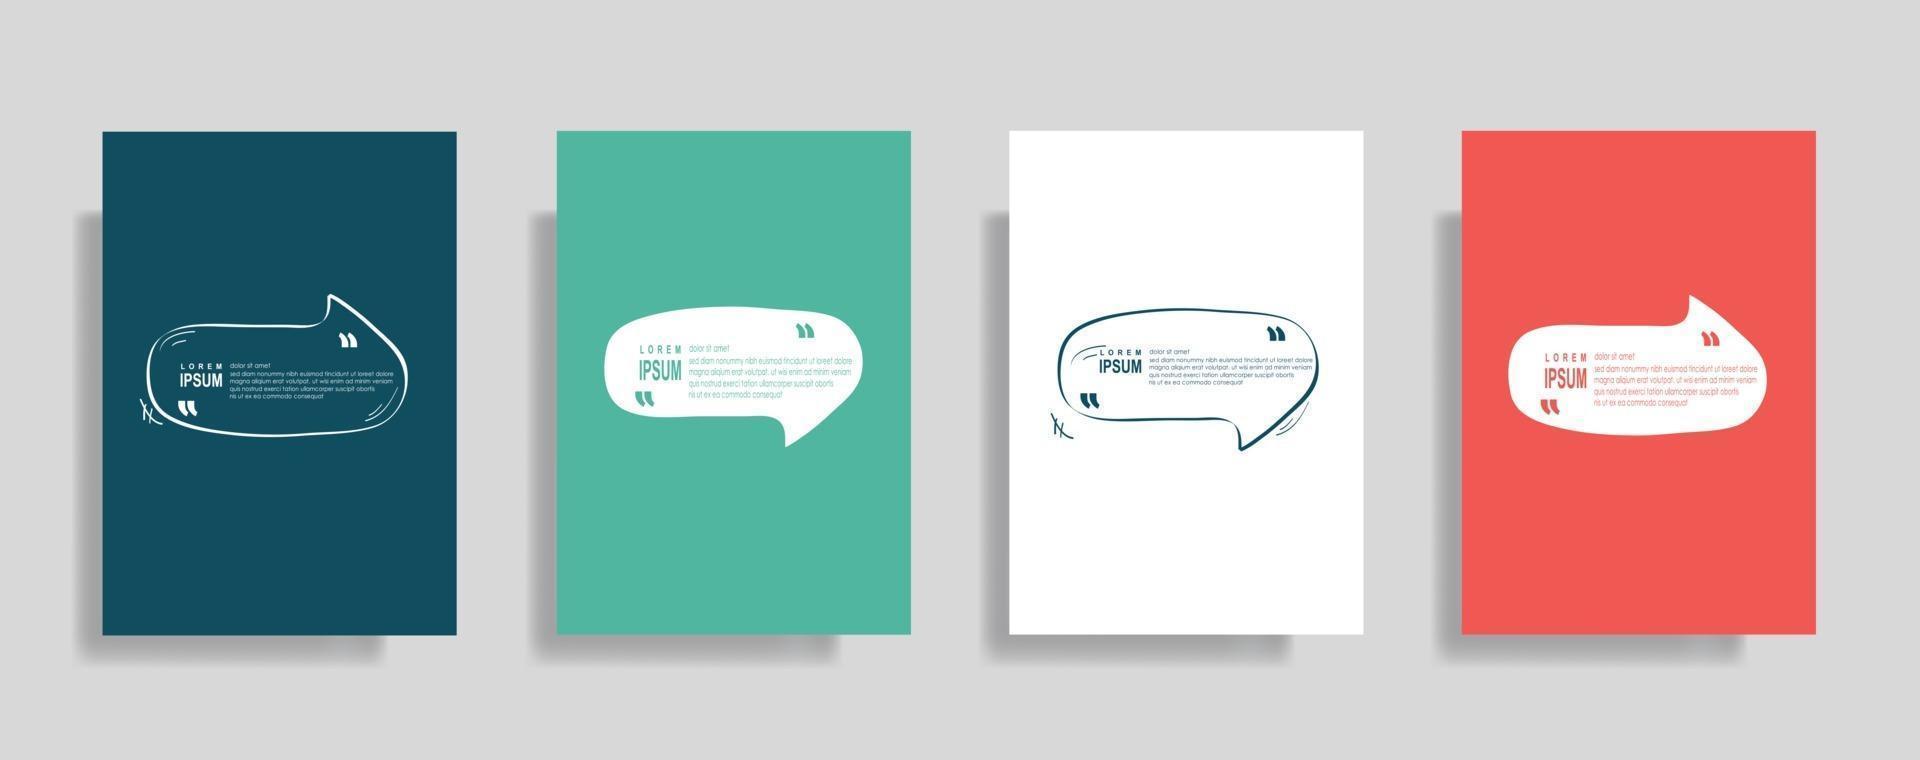 citat ram tomma mallar, text inom parentes, citat tomma pratbubblor. text bos isolerad på färgbakgrund. vektor